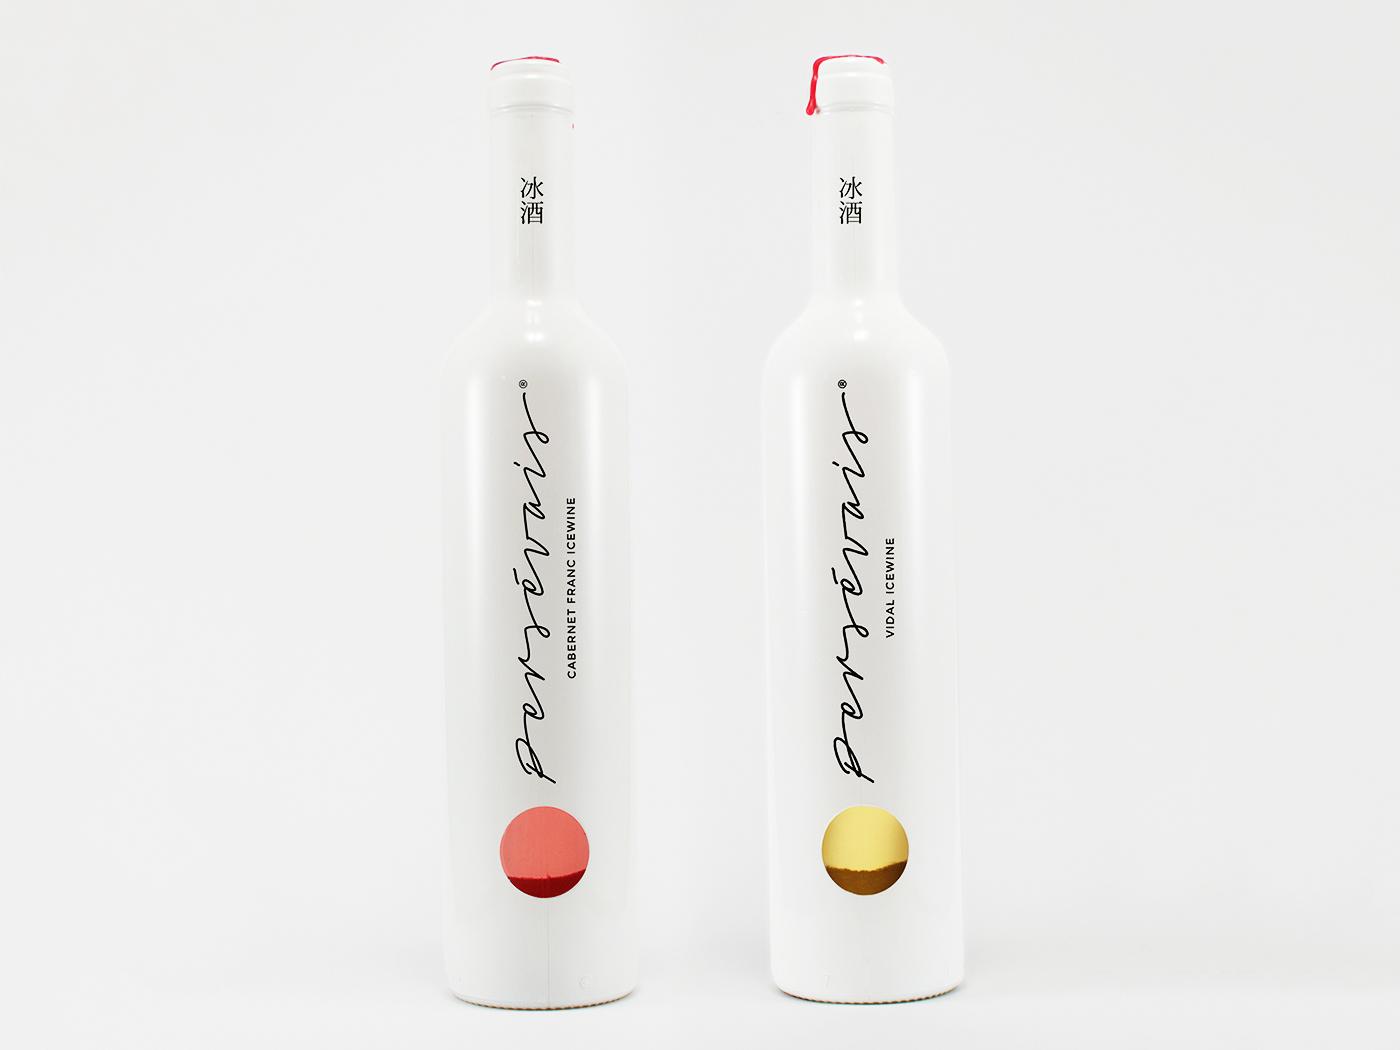 ice wine packaging